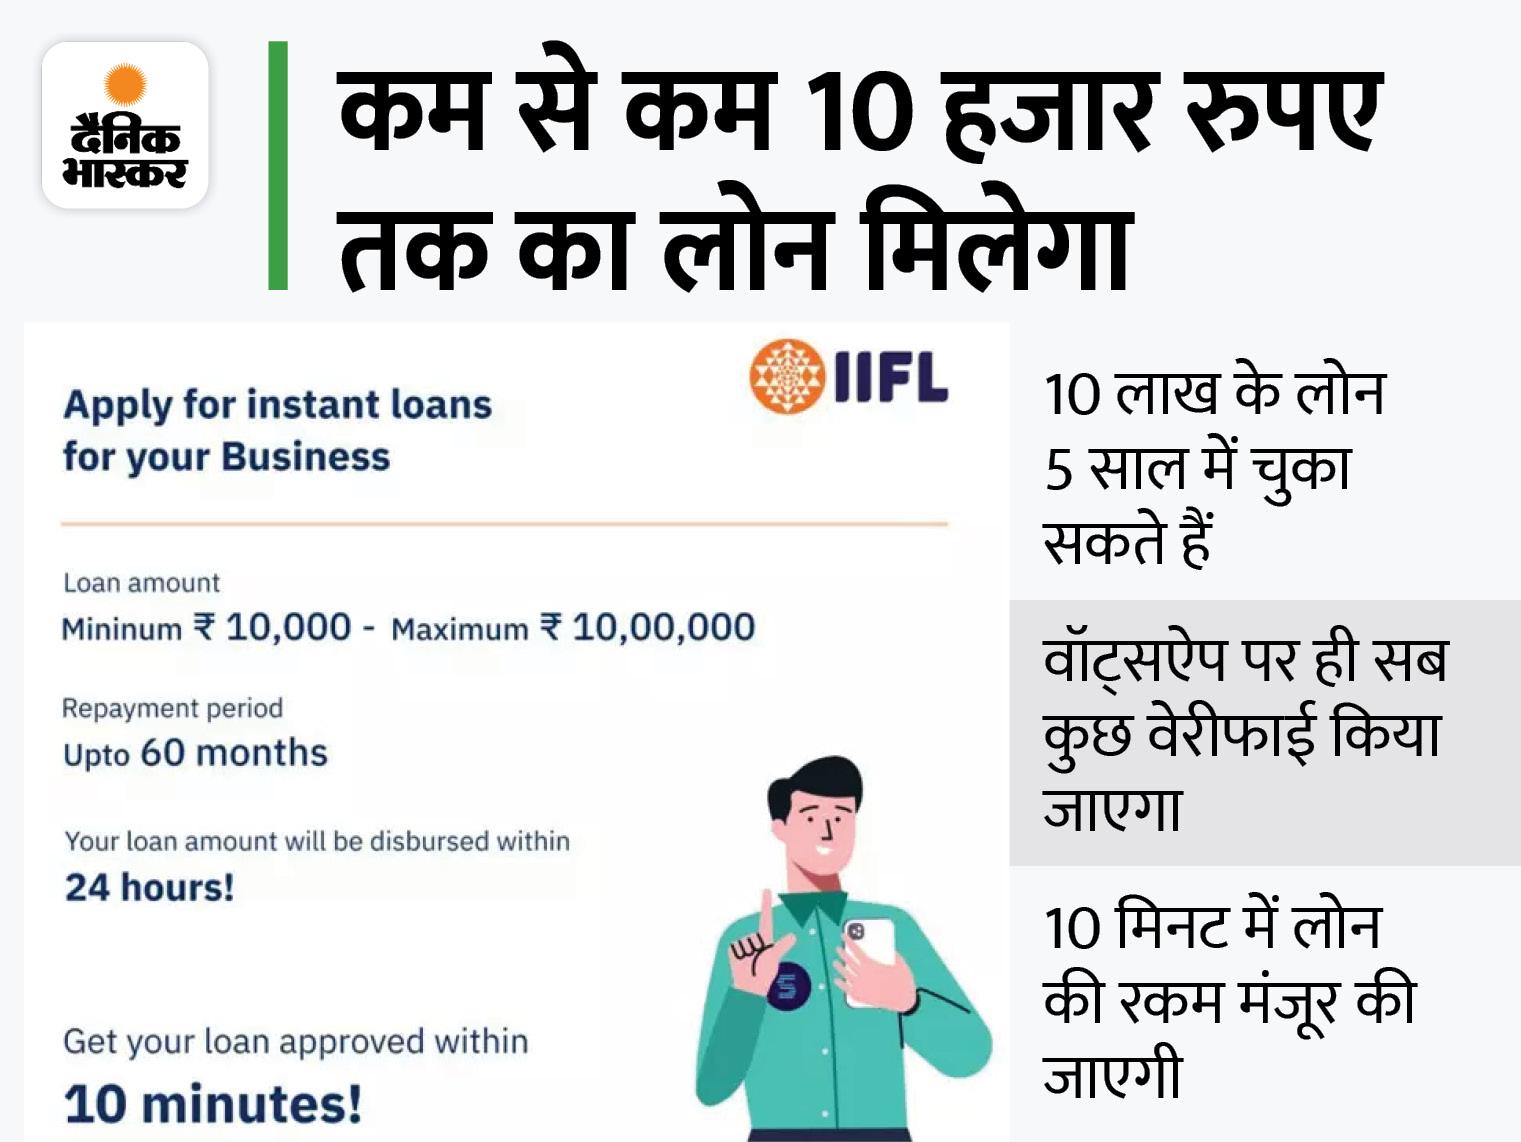 वॉट्सऐप पर हाय बोलिए और 10 लाख का लोन लीजिए, जानिए कैसे मिलेगा कर्ज|बिजनेस,Business - Dainik Bhaskar